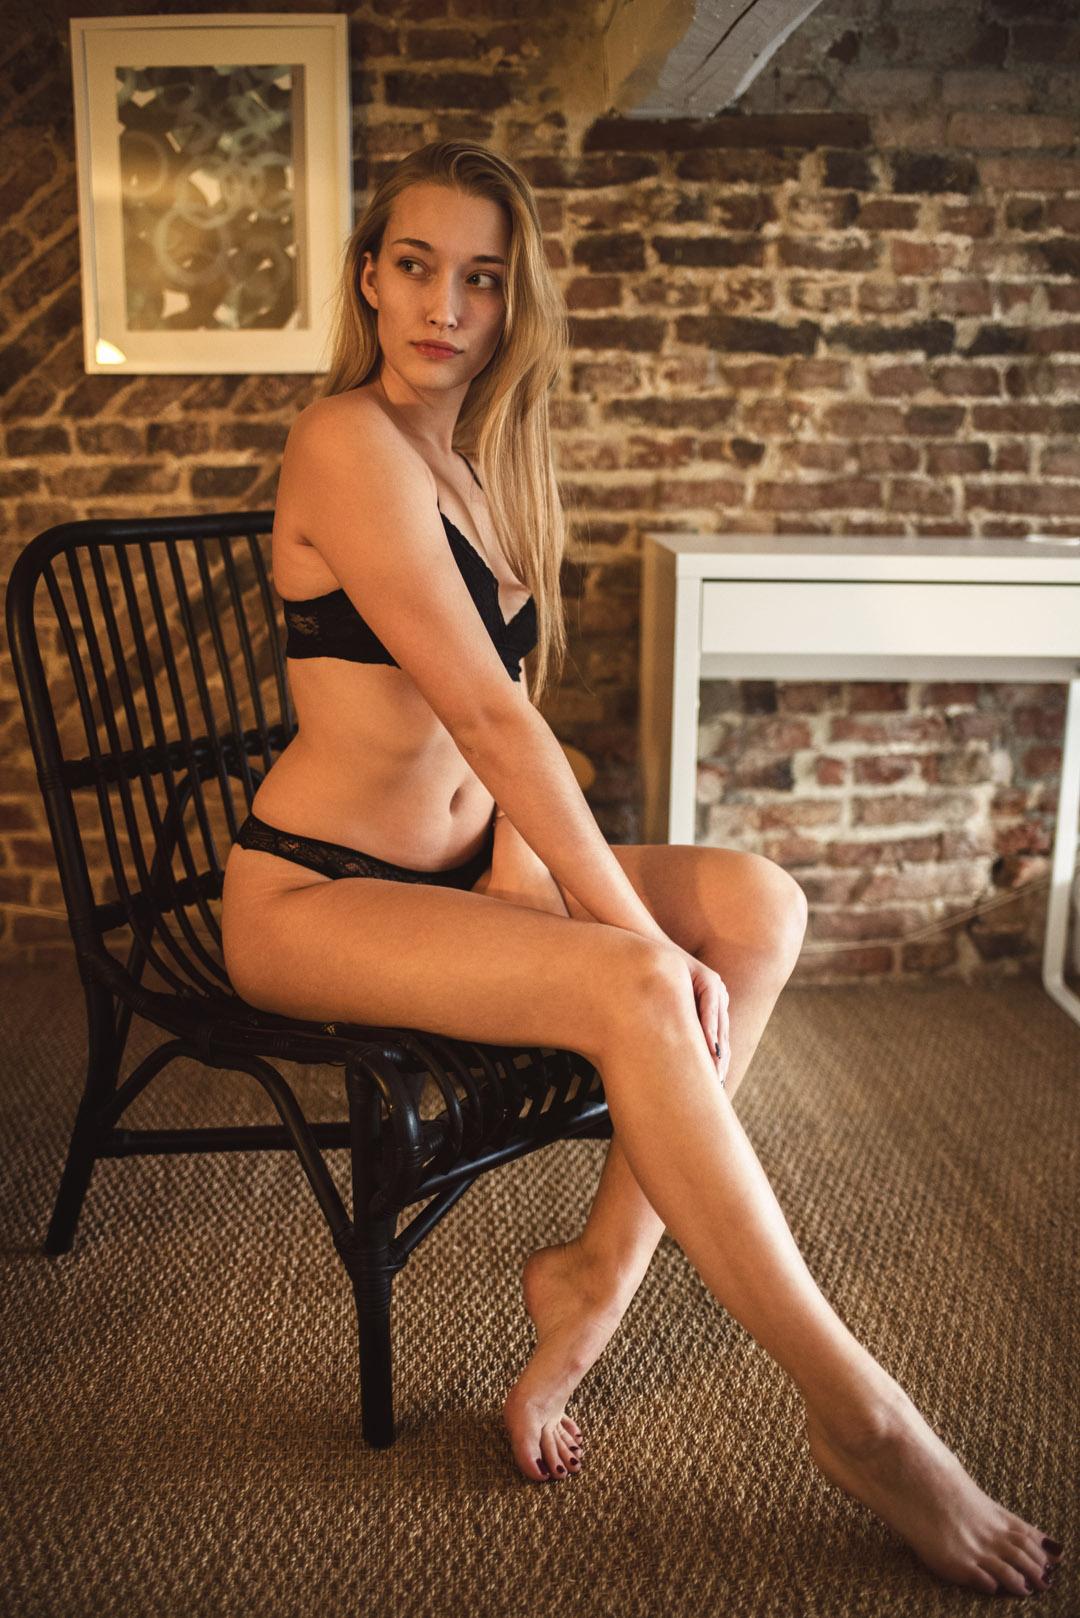 femme lingerie cheveux blonds sexy boudoir elisa debille